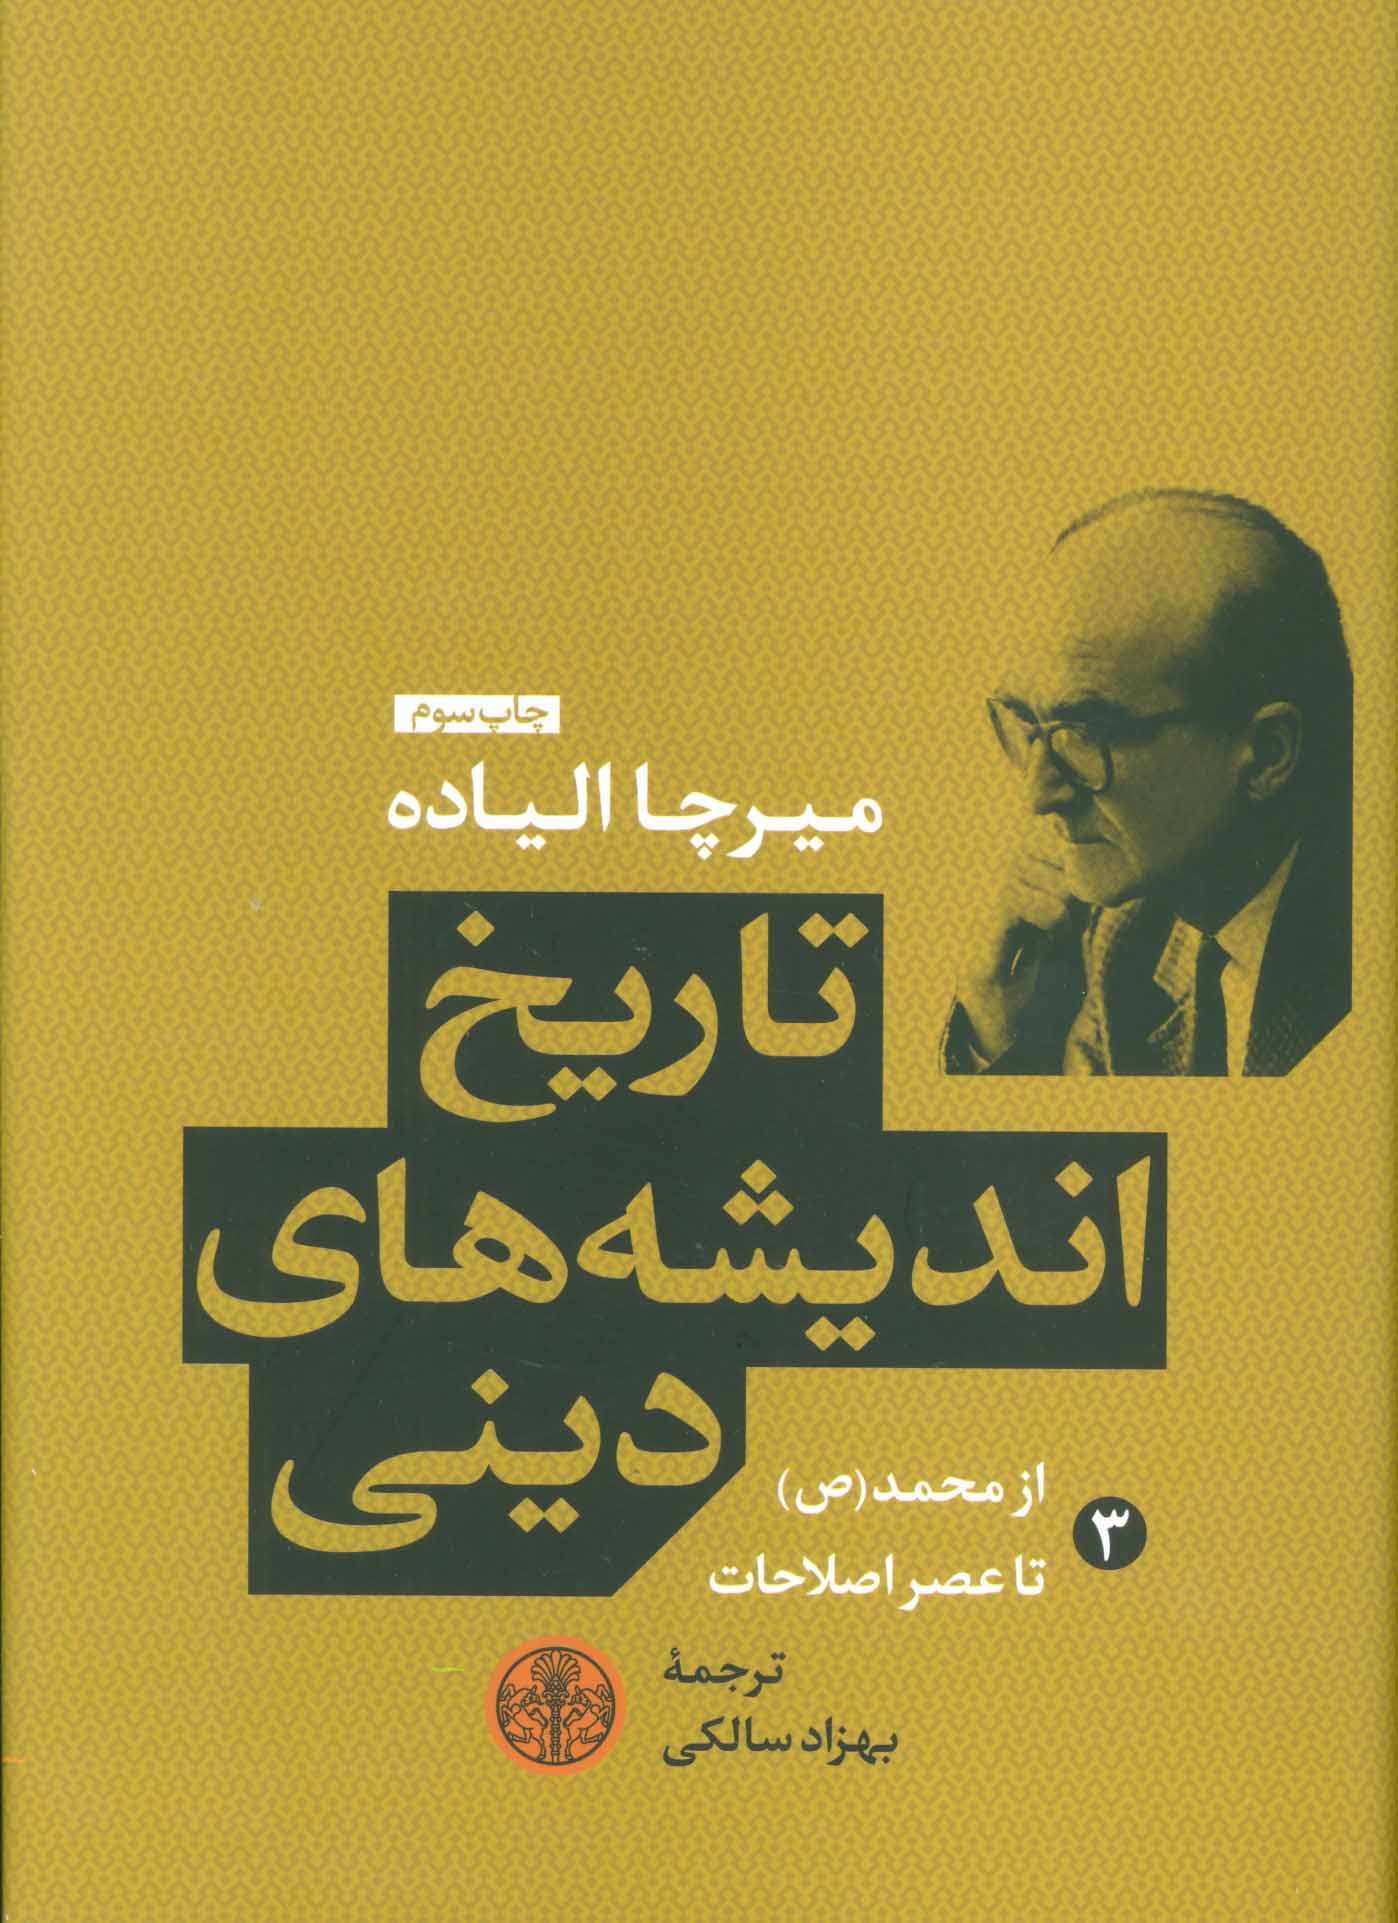 تاریخ اندیشه های دینی 3 (از محمد (ص) تا عصر اصلاحات)،(2زبانه)